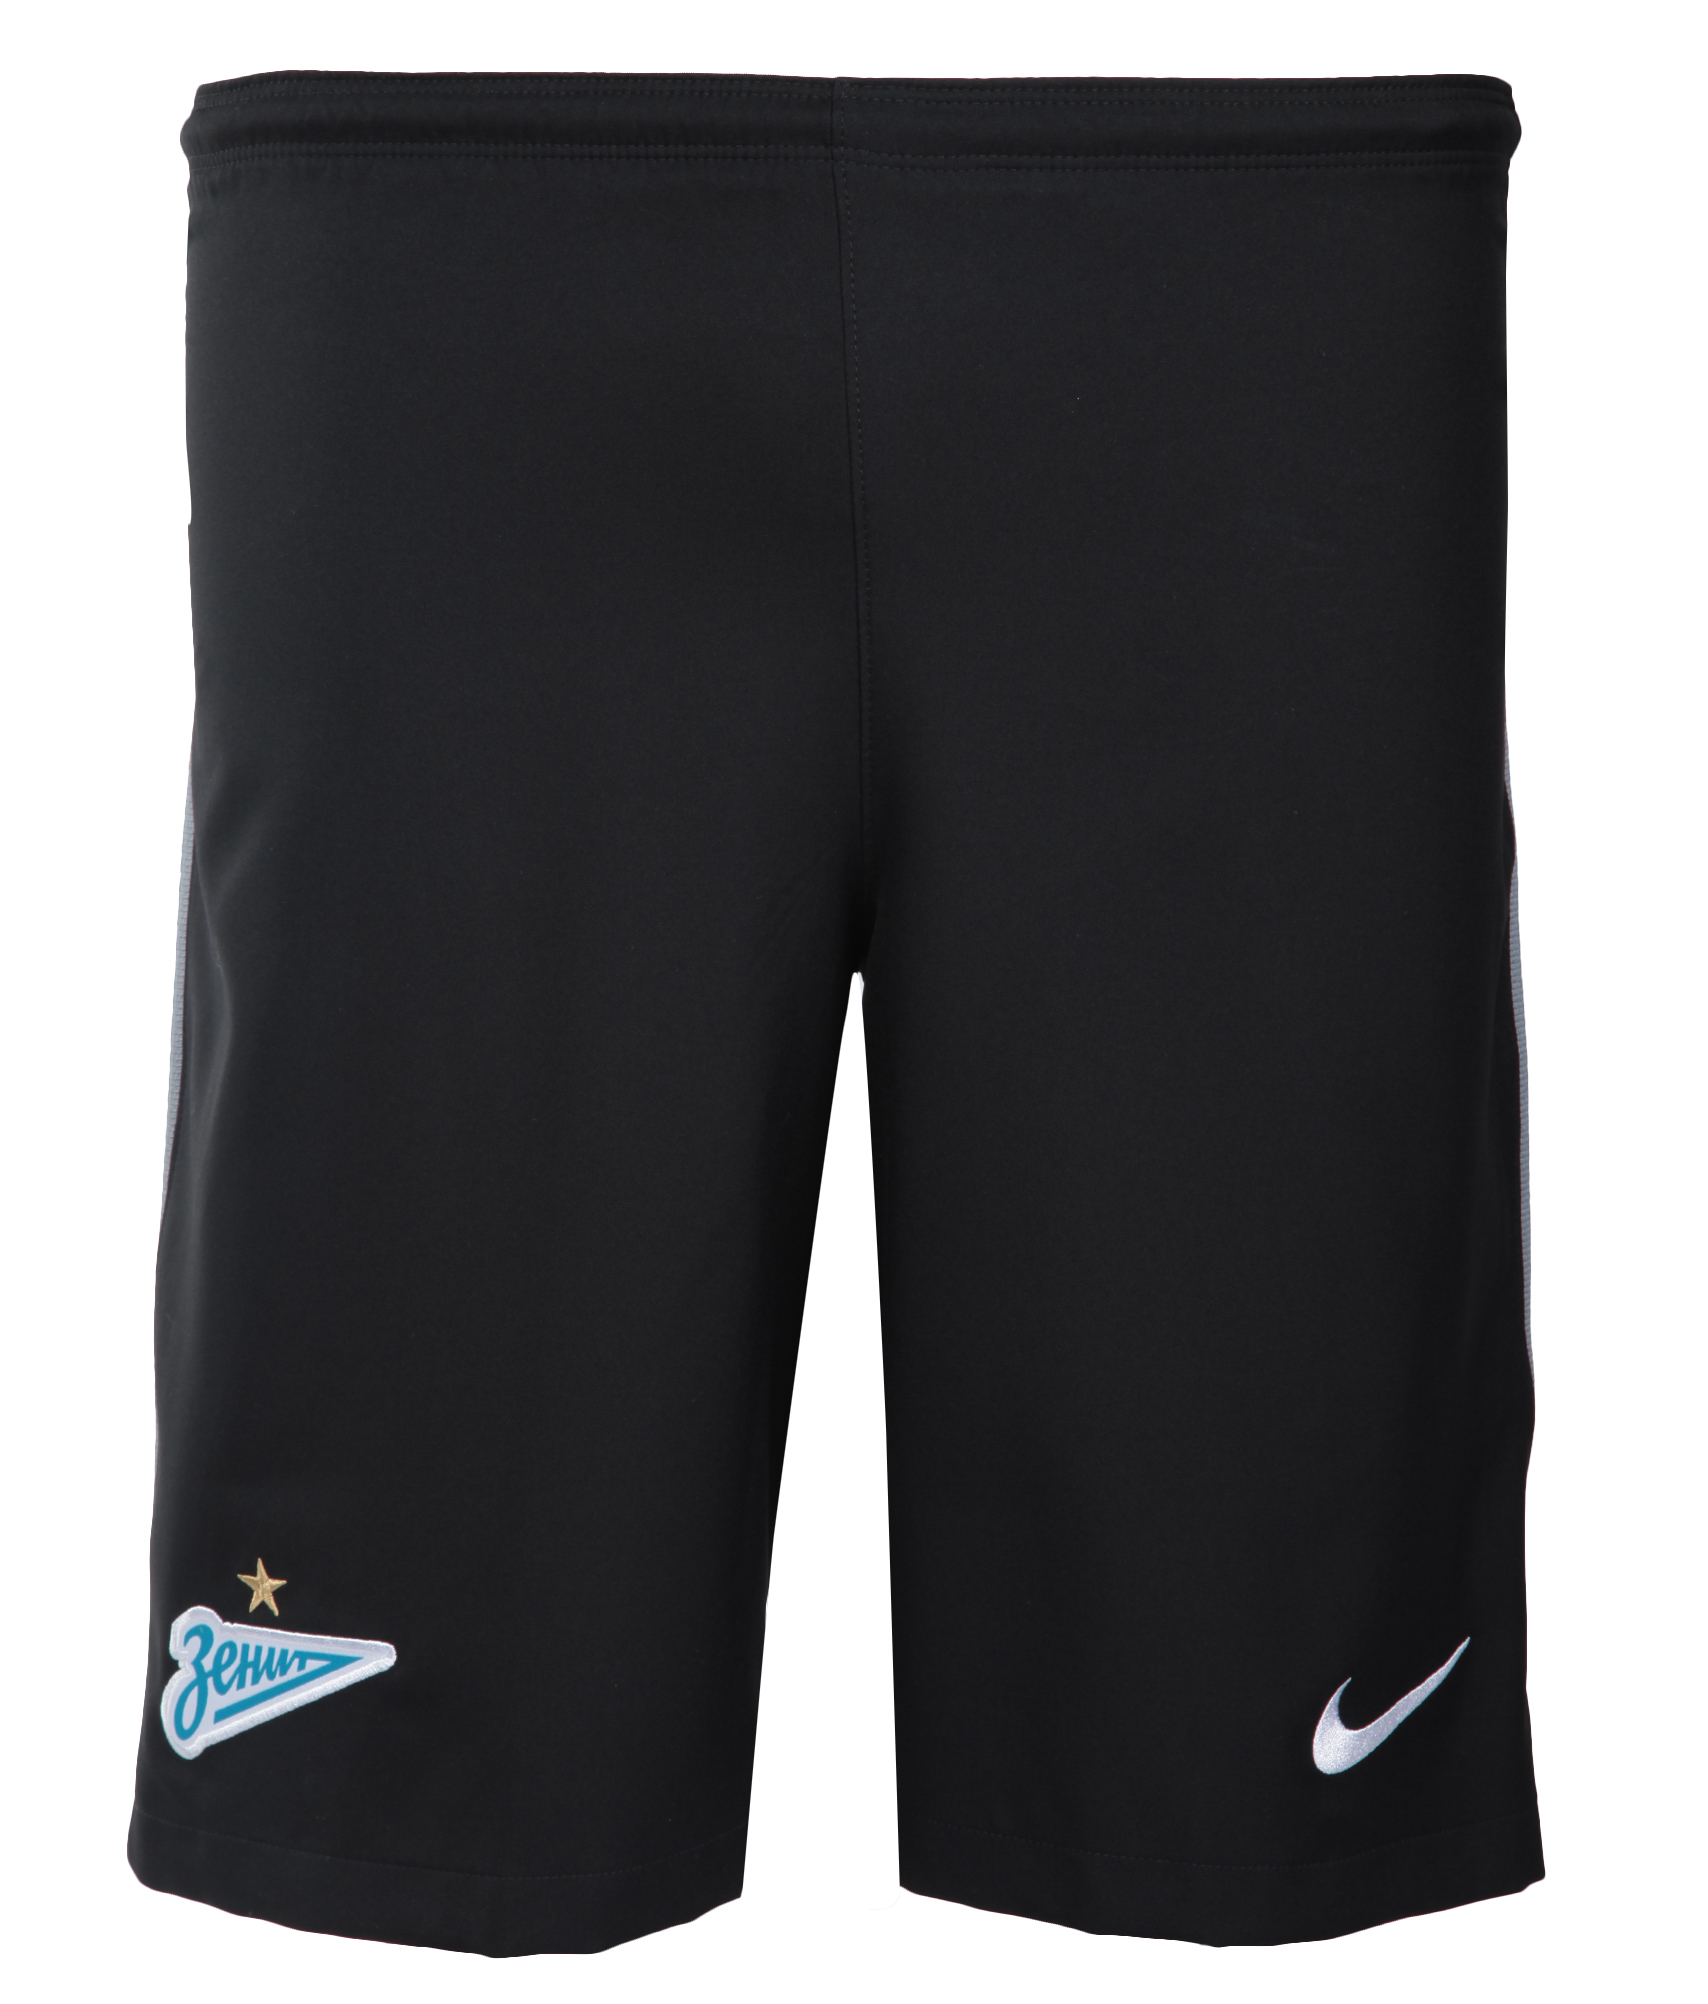 Оригинальные вратарские шорты Nike Nike Цвет-Черный цена